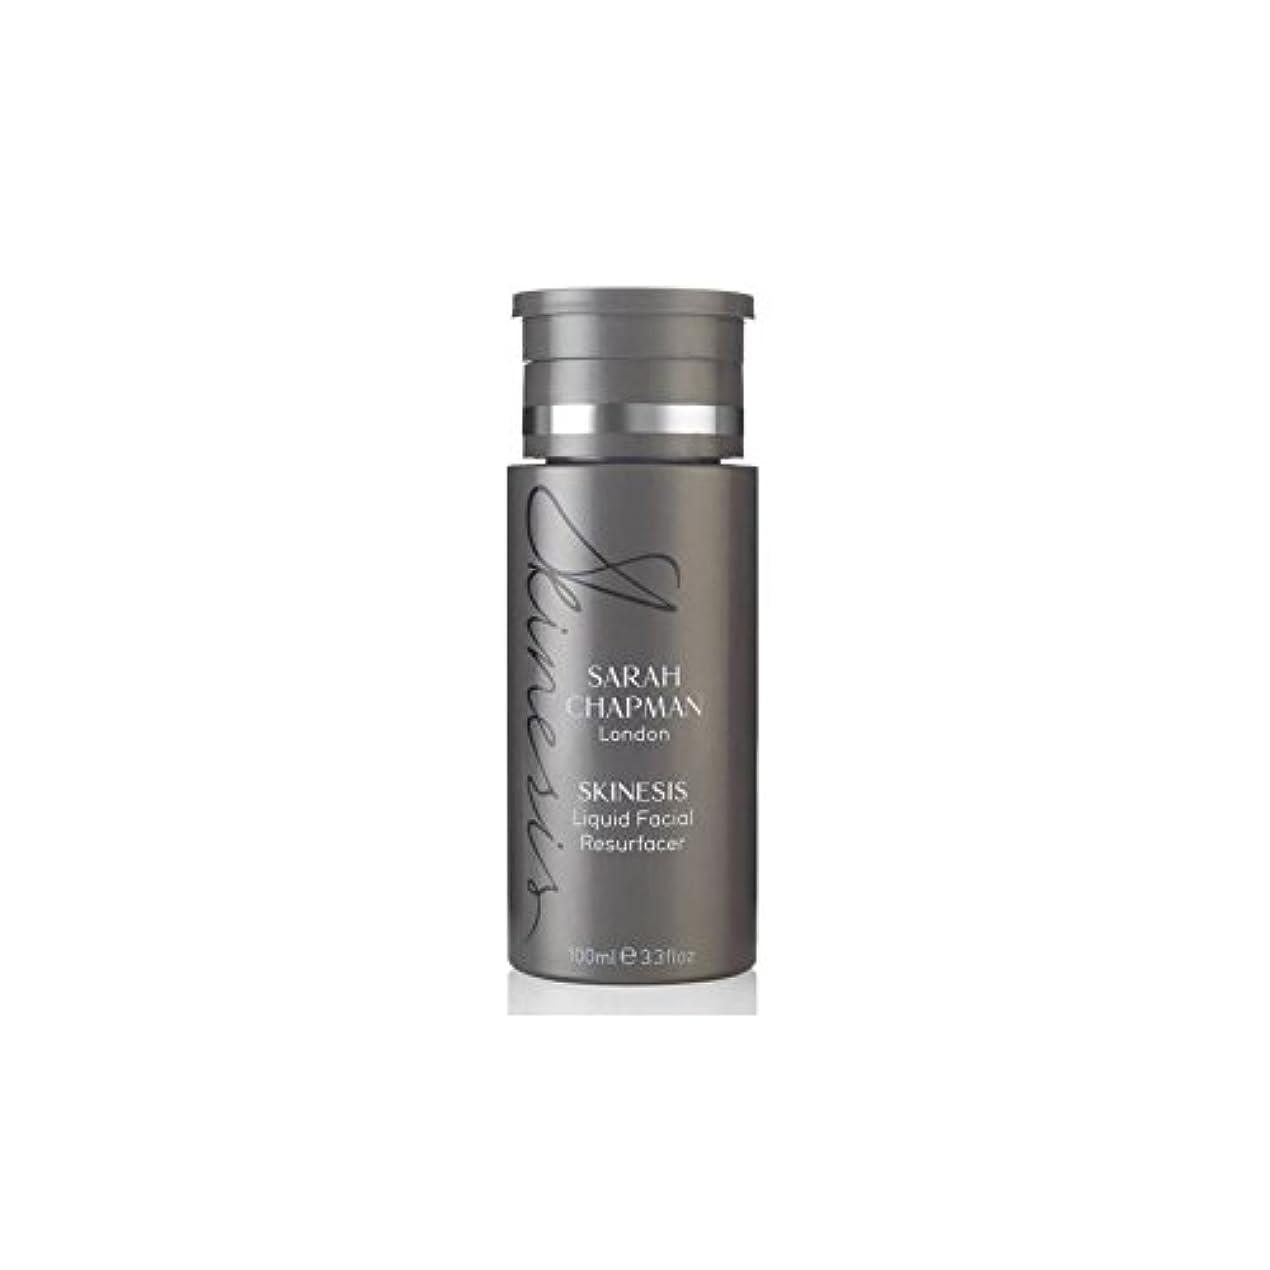 好む健全配当サラチャップマン液体顔(100)に x4 - Sarah Chapman Skinesis Liquid Facial Resurfacer (100ml) (Pack of 4) [並行輸入品]